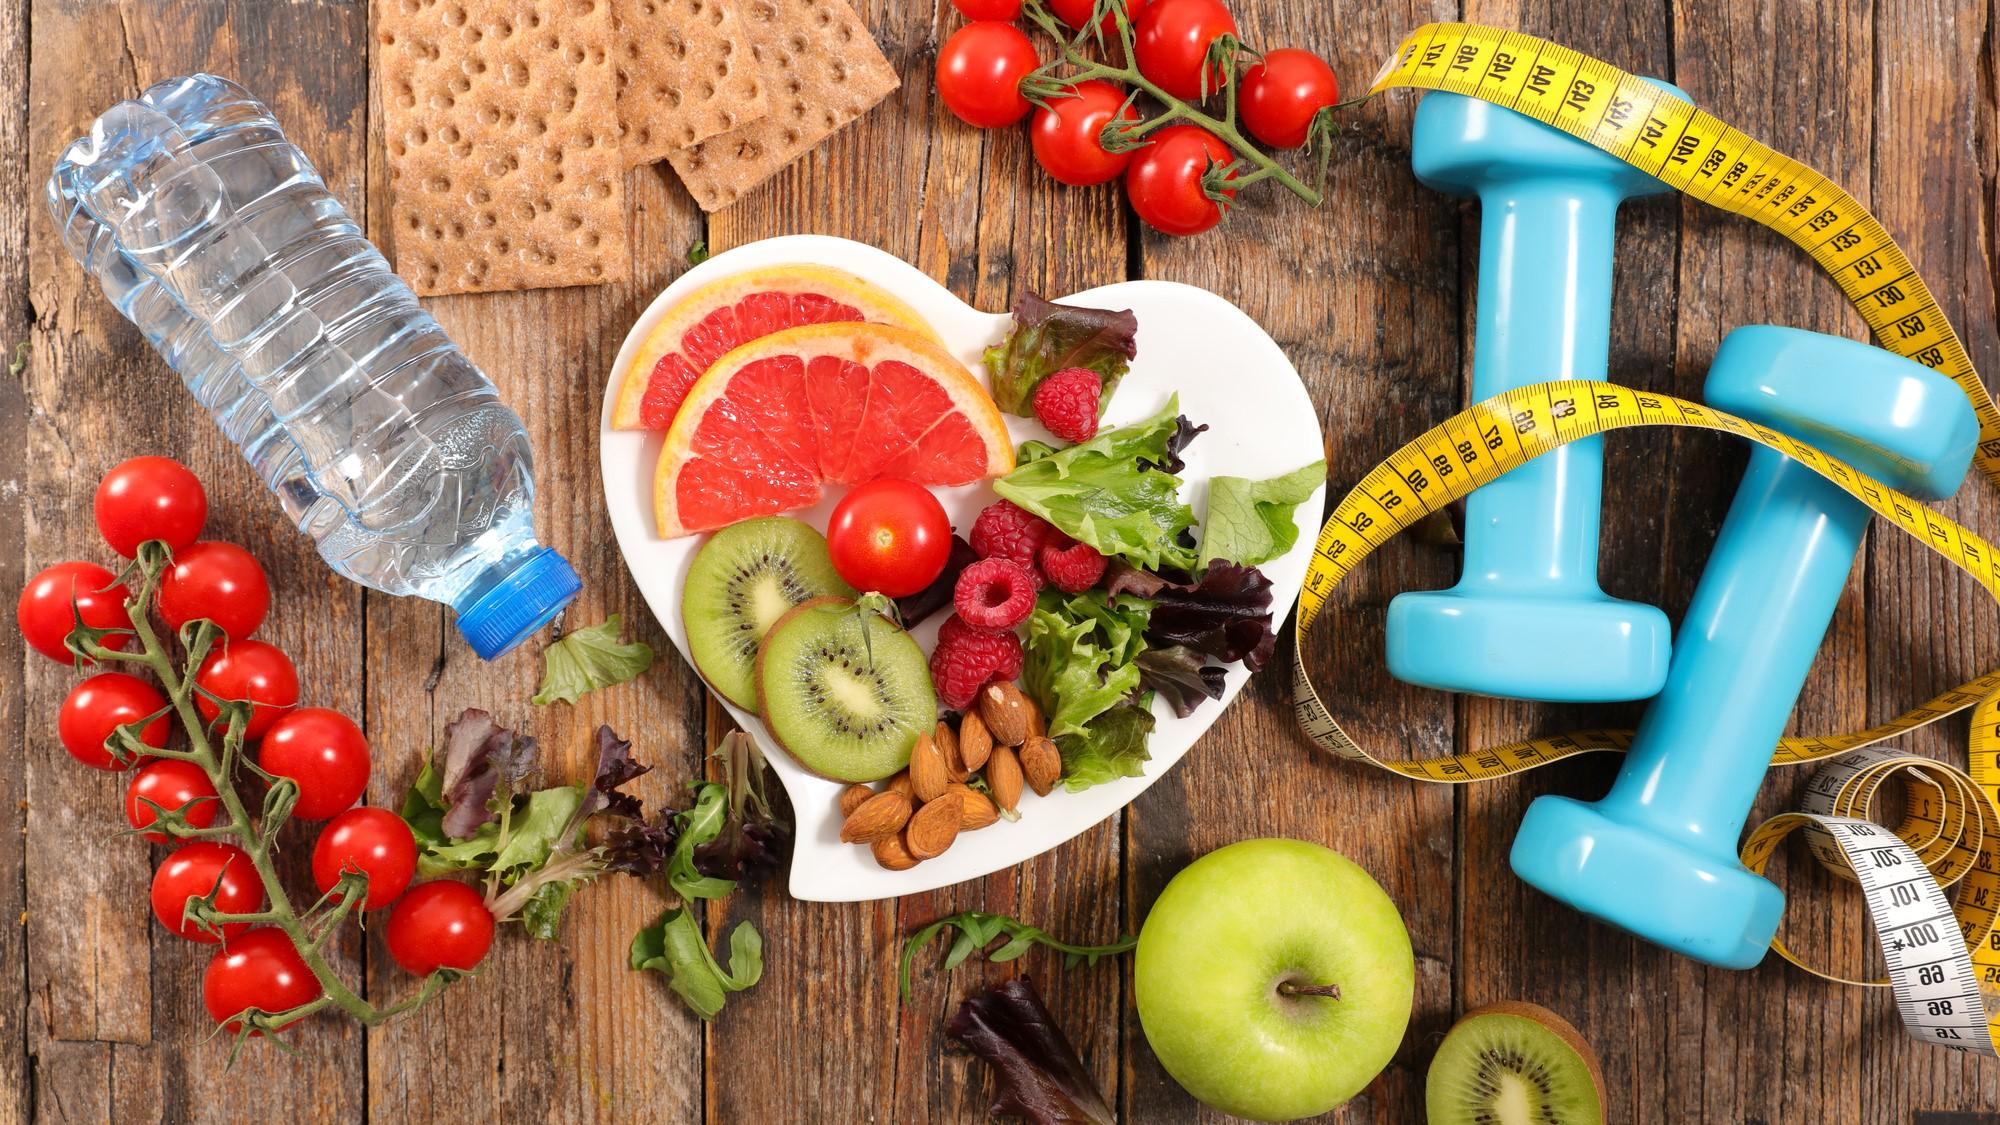 Développez de saines habitudes et votre immunité augmentera considérablement.